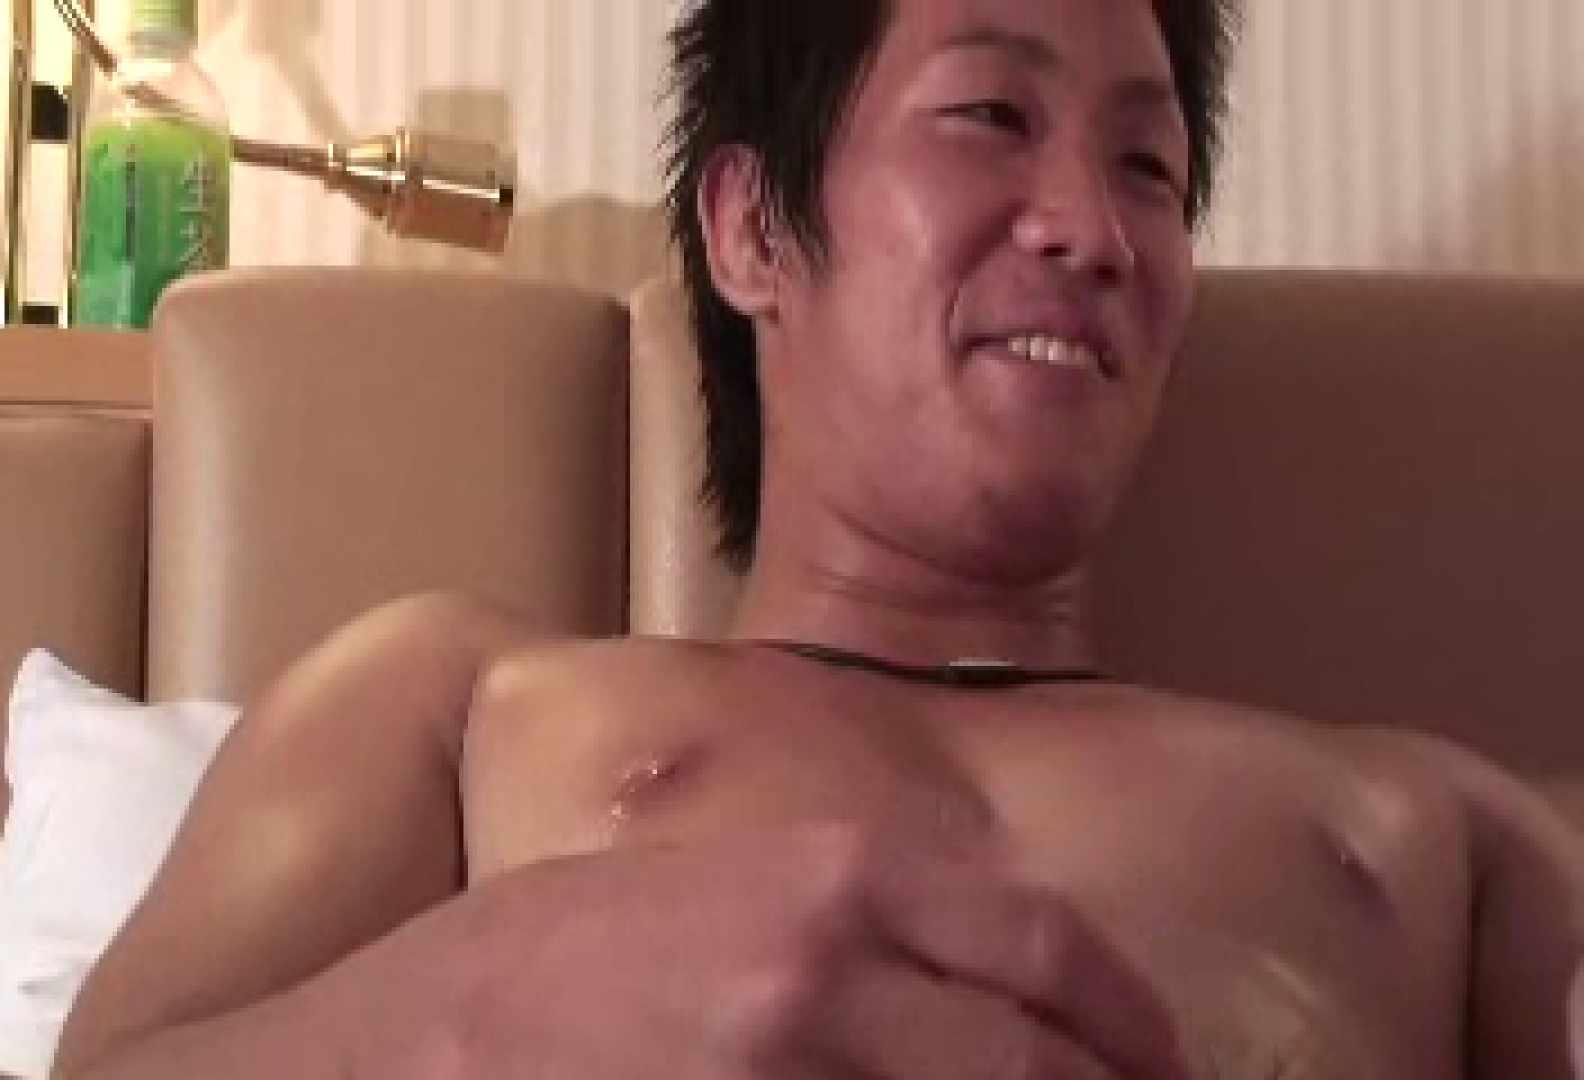 スリ筋!!Nice Finish!!vol.02 体育会系 ゲイアダルト画像 85pic 69